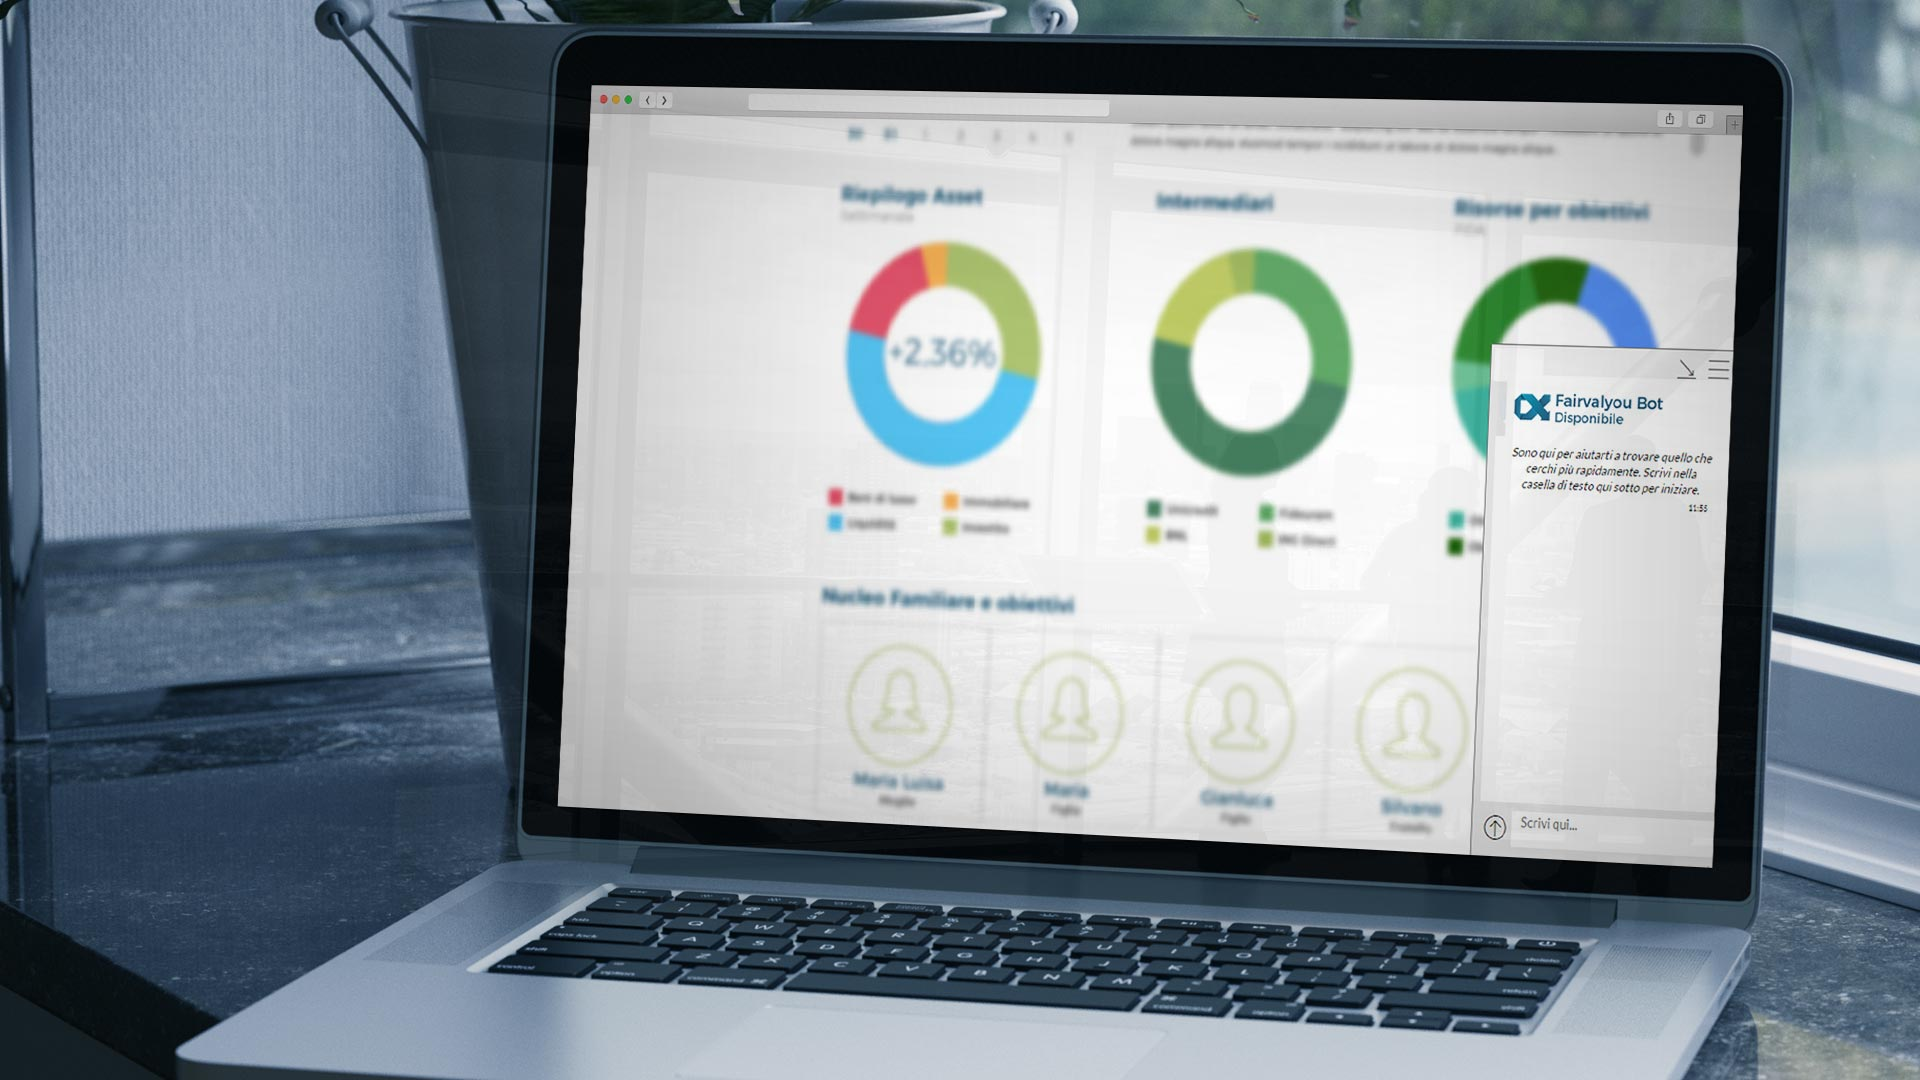 Piattaforma consulenti finanziari indipendenti:  Chat bot evoluti - Fairvalyou